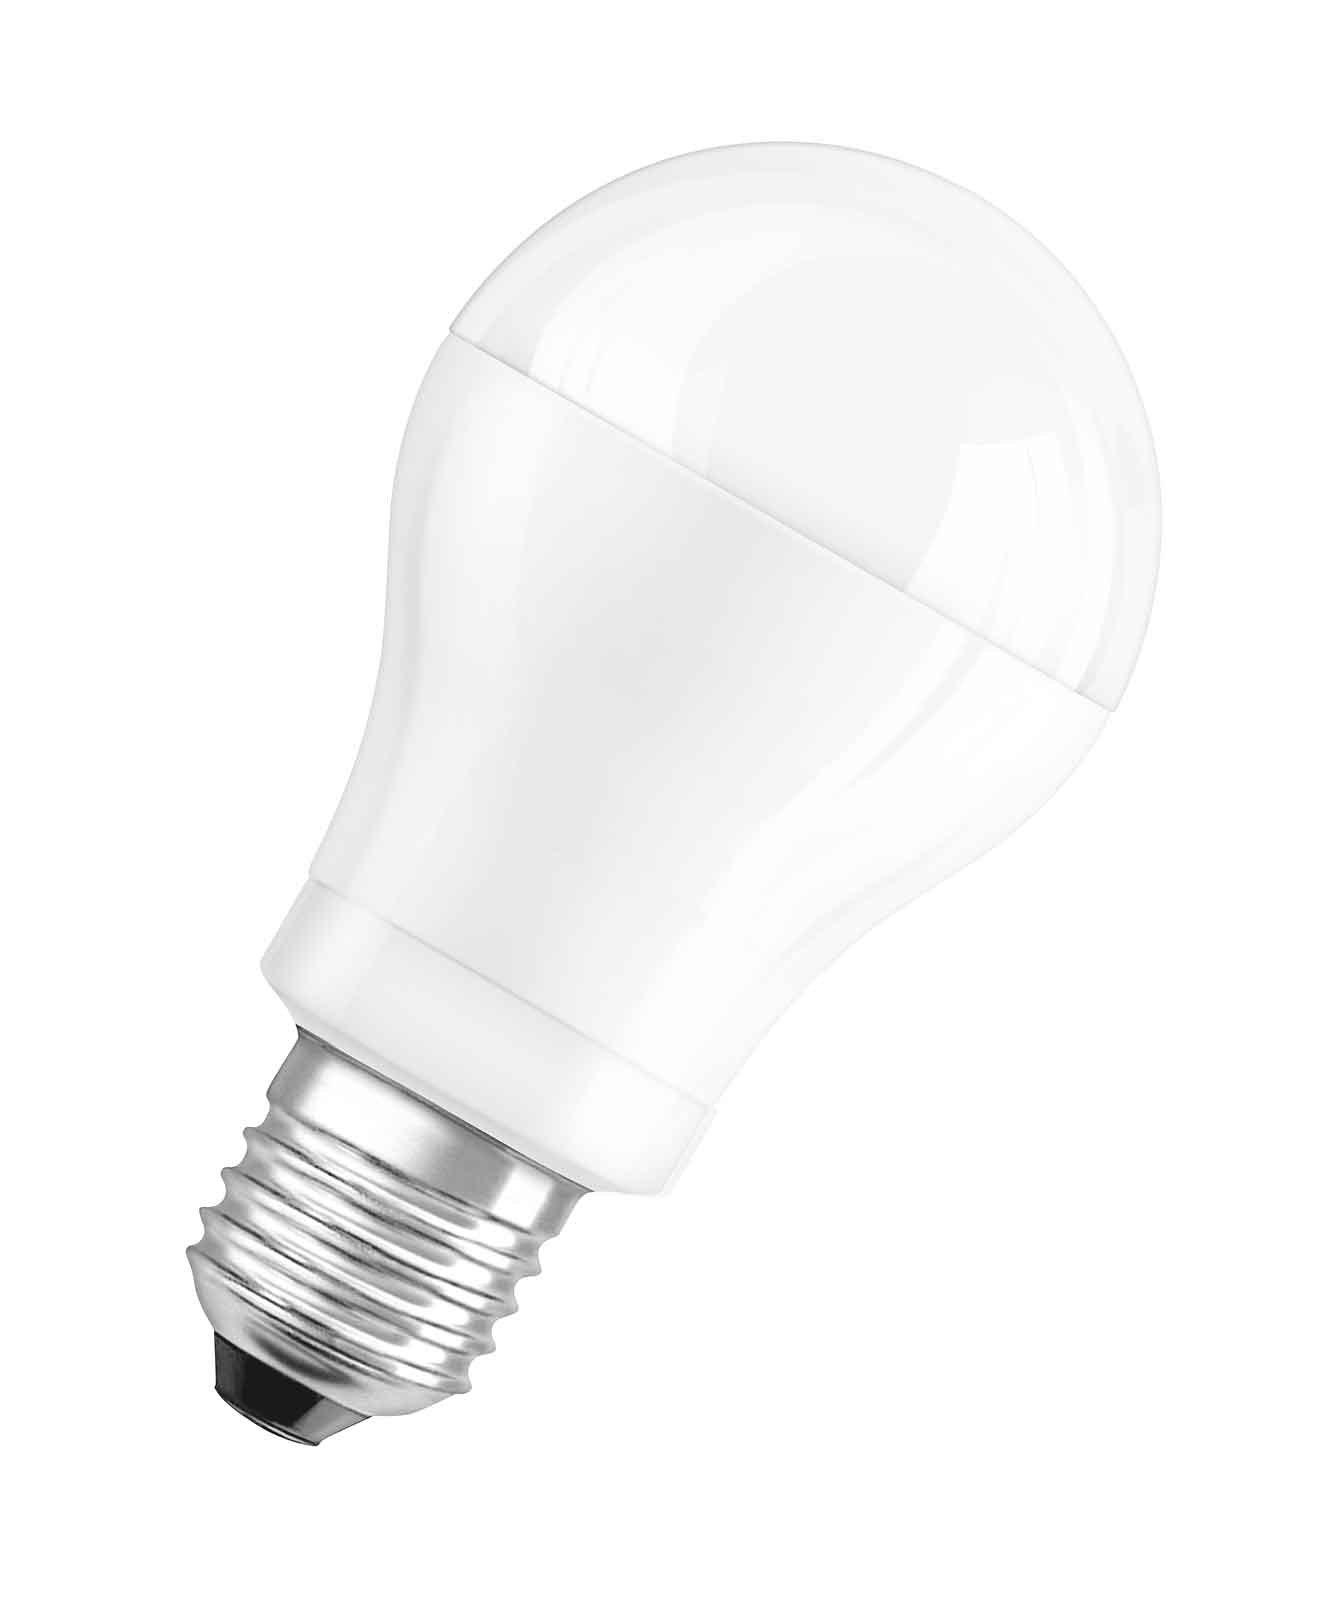 Nuove lampadine obiettivo risparmio cose di casa for Lampadine led casa